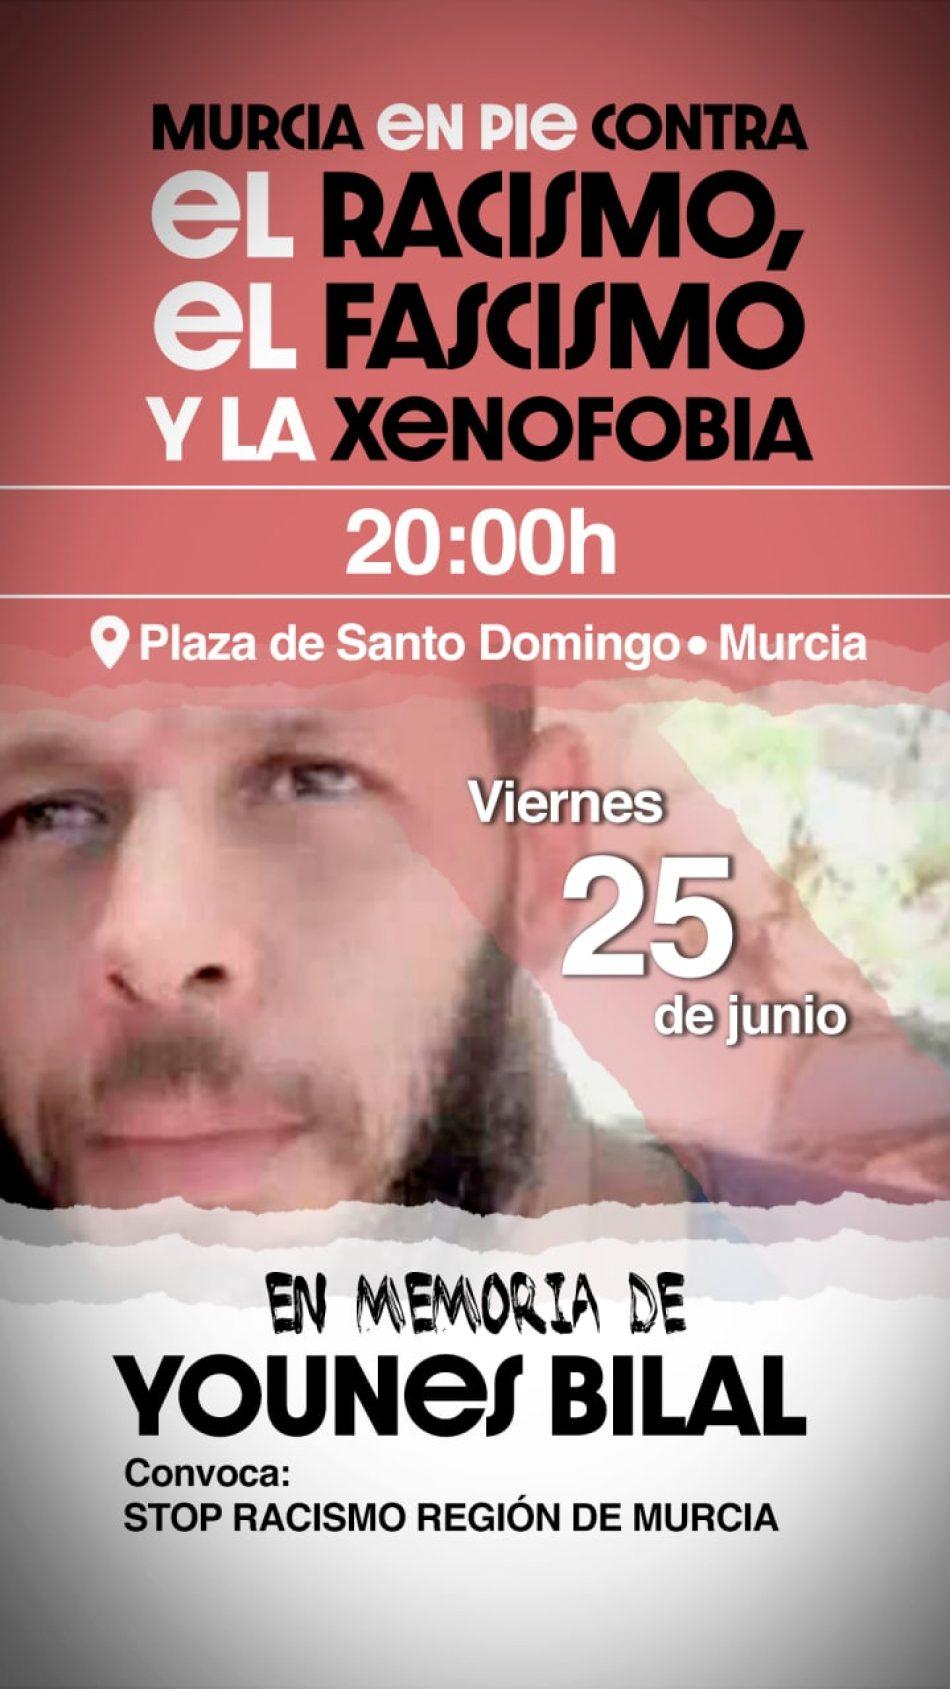 Murcia y Cartagena se manifiestas este 25 y 27 de junio respectivamente contra el racismo, el fascismo y la xenofobia